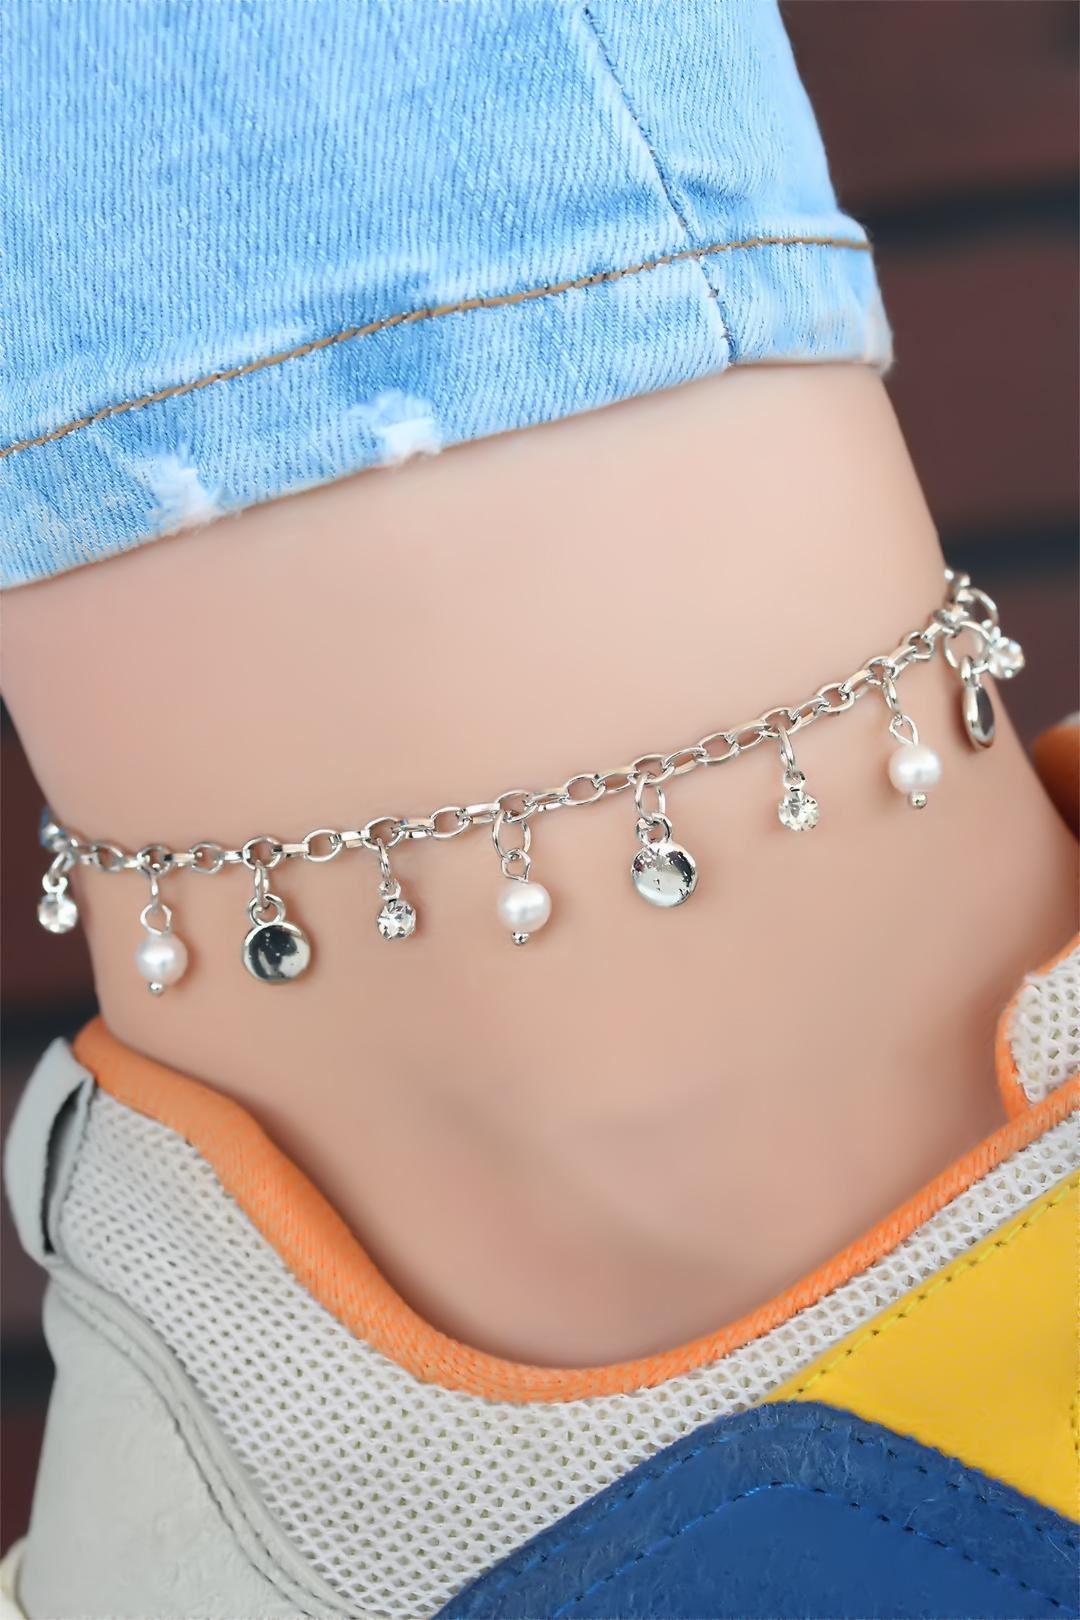 Silver Renk Zincirli Halhal